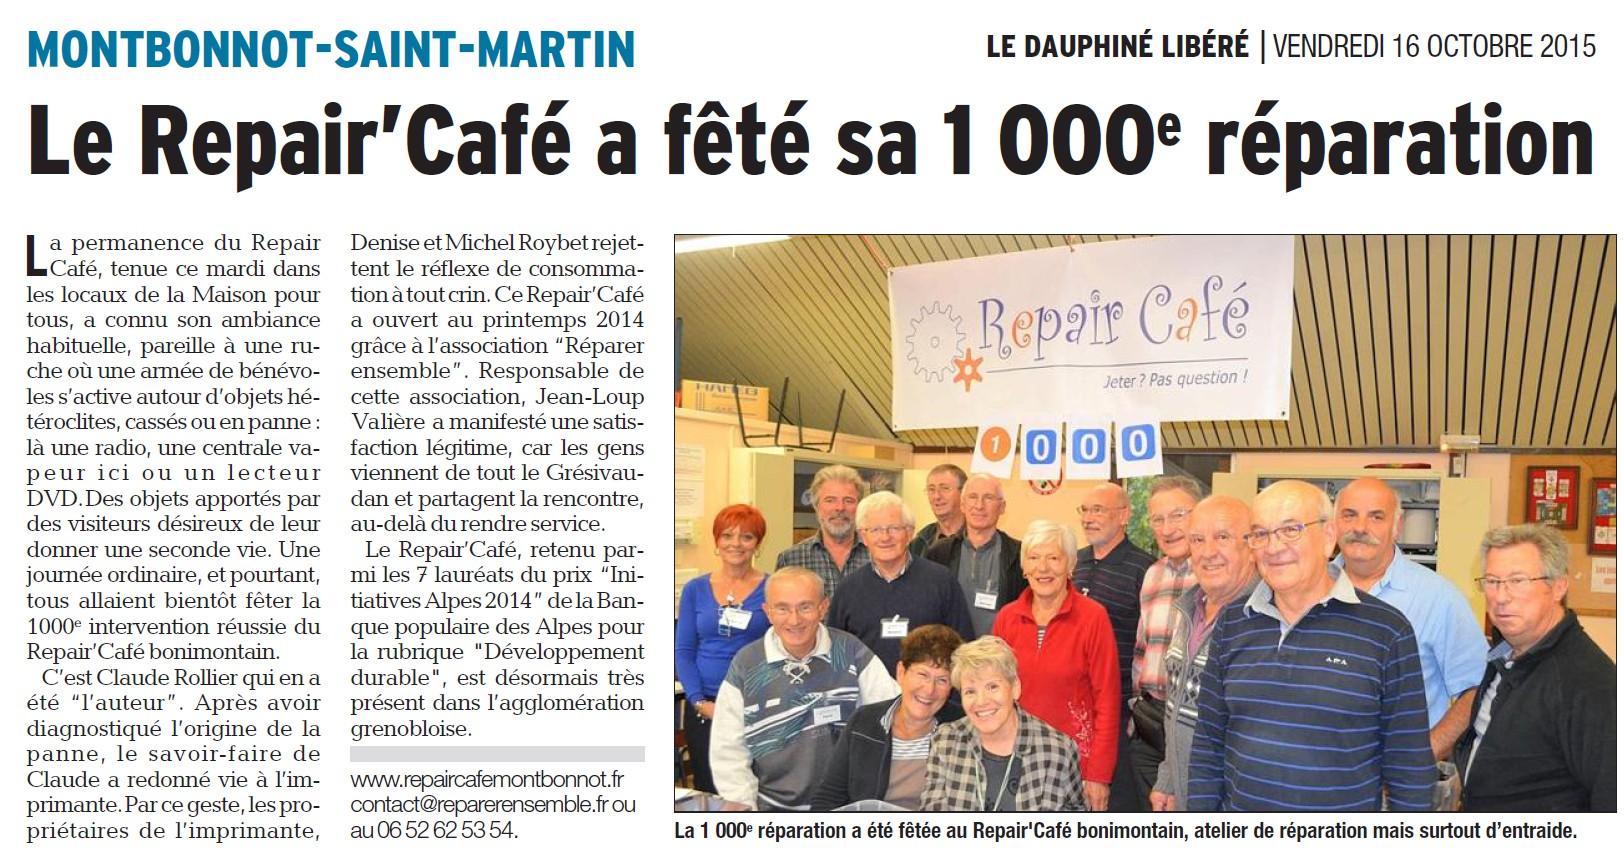 2015-10-16 Dauphiné Libéré